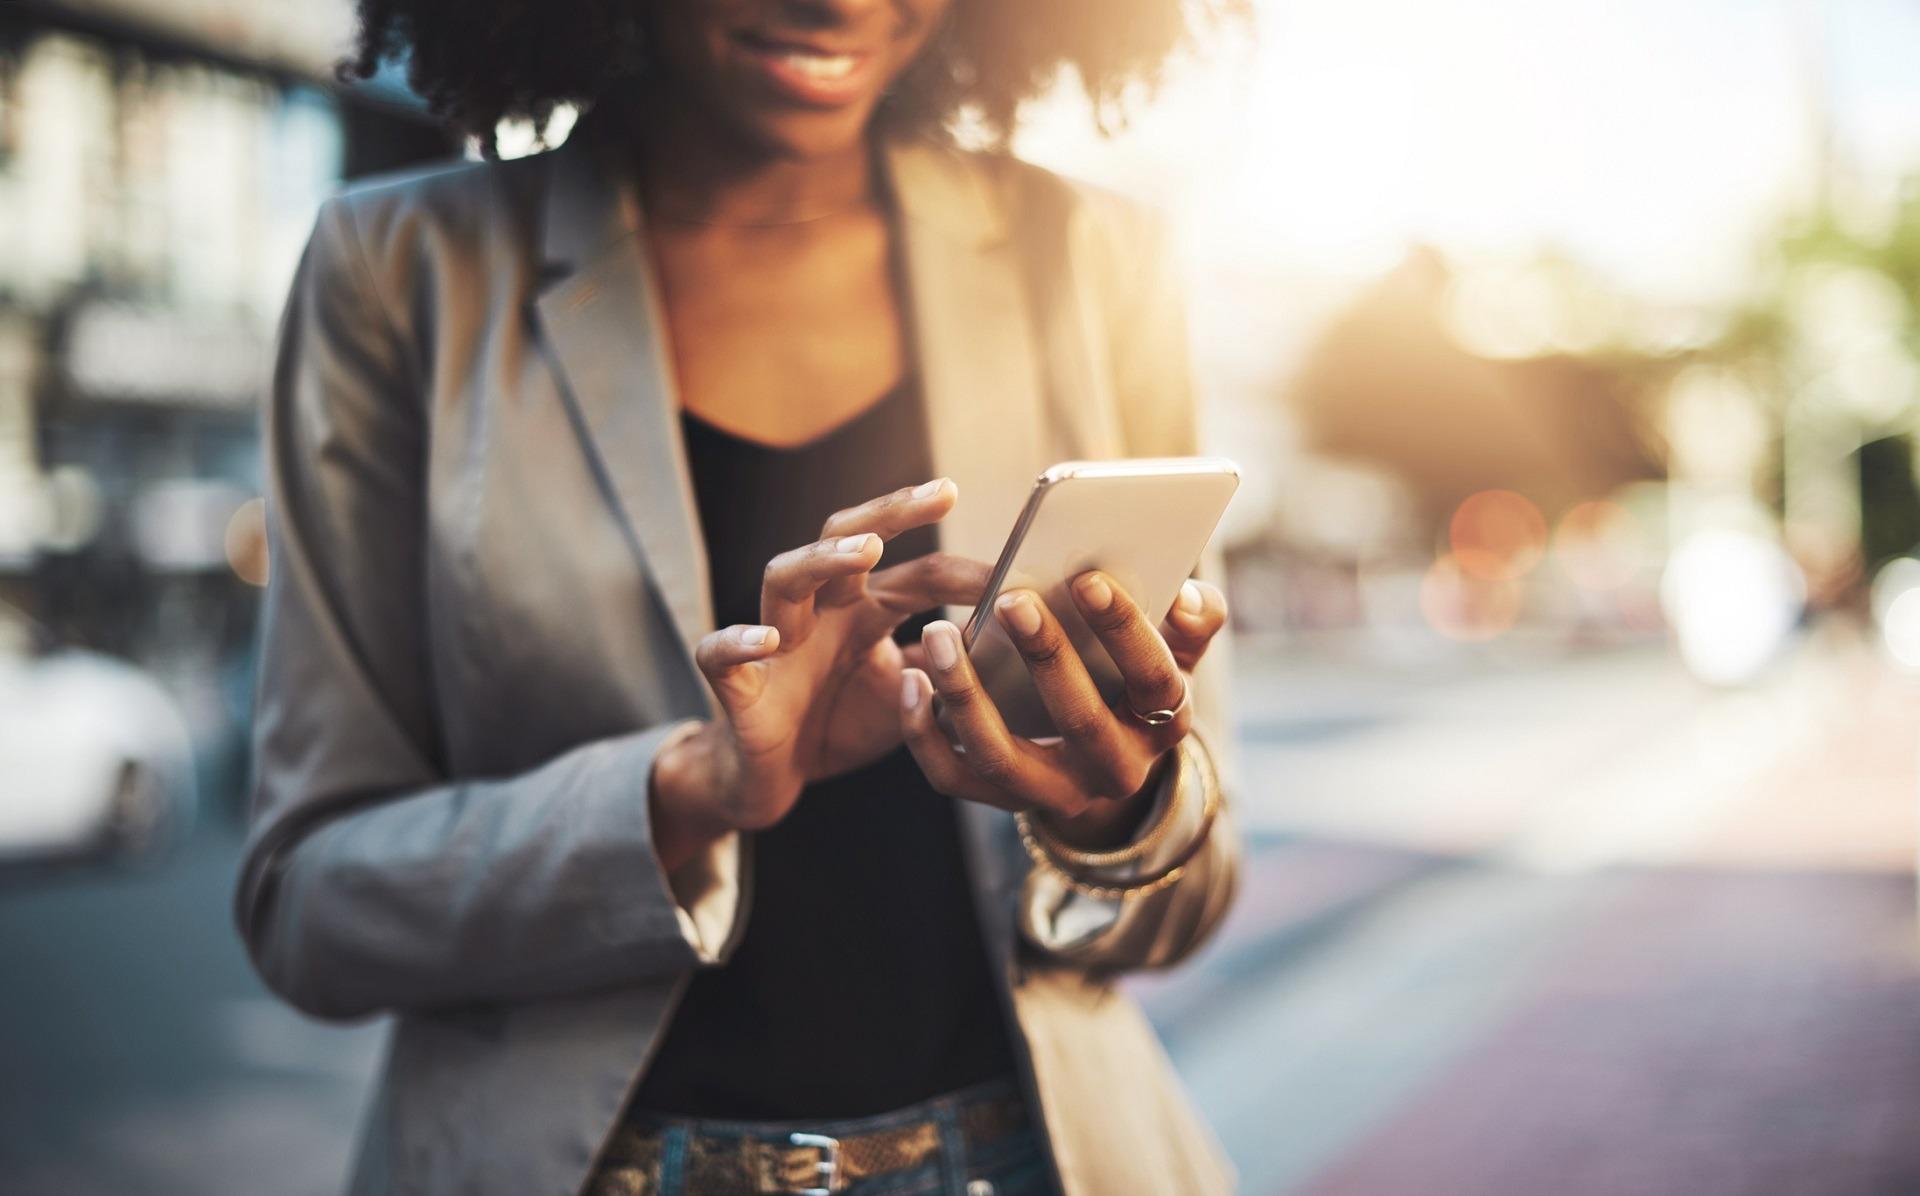 Junge Businessfrau tippt lächelnd auf ihrem Handy.